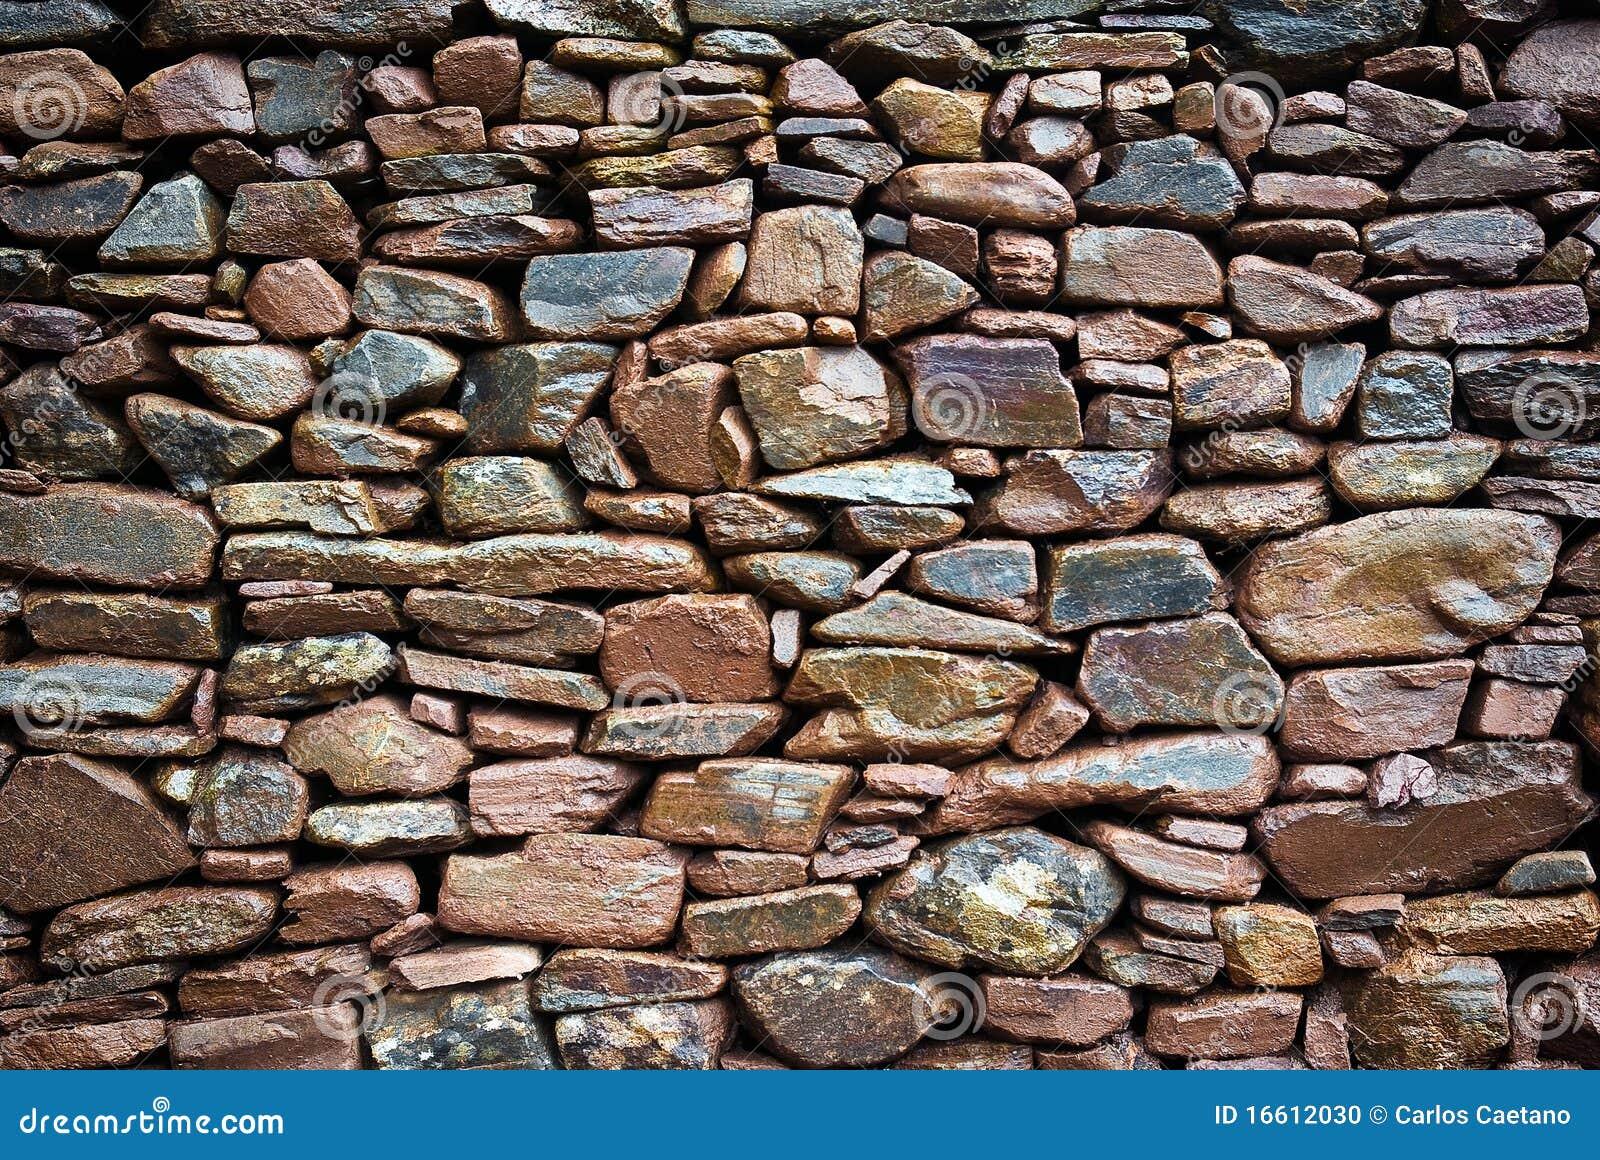 De rustieke muur van de steen stock foto afbeelding 16612030 - Muur steen duidelijk ...